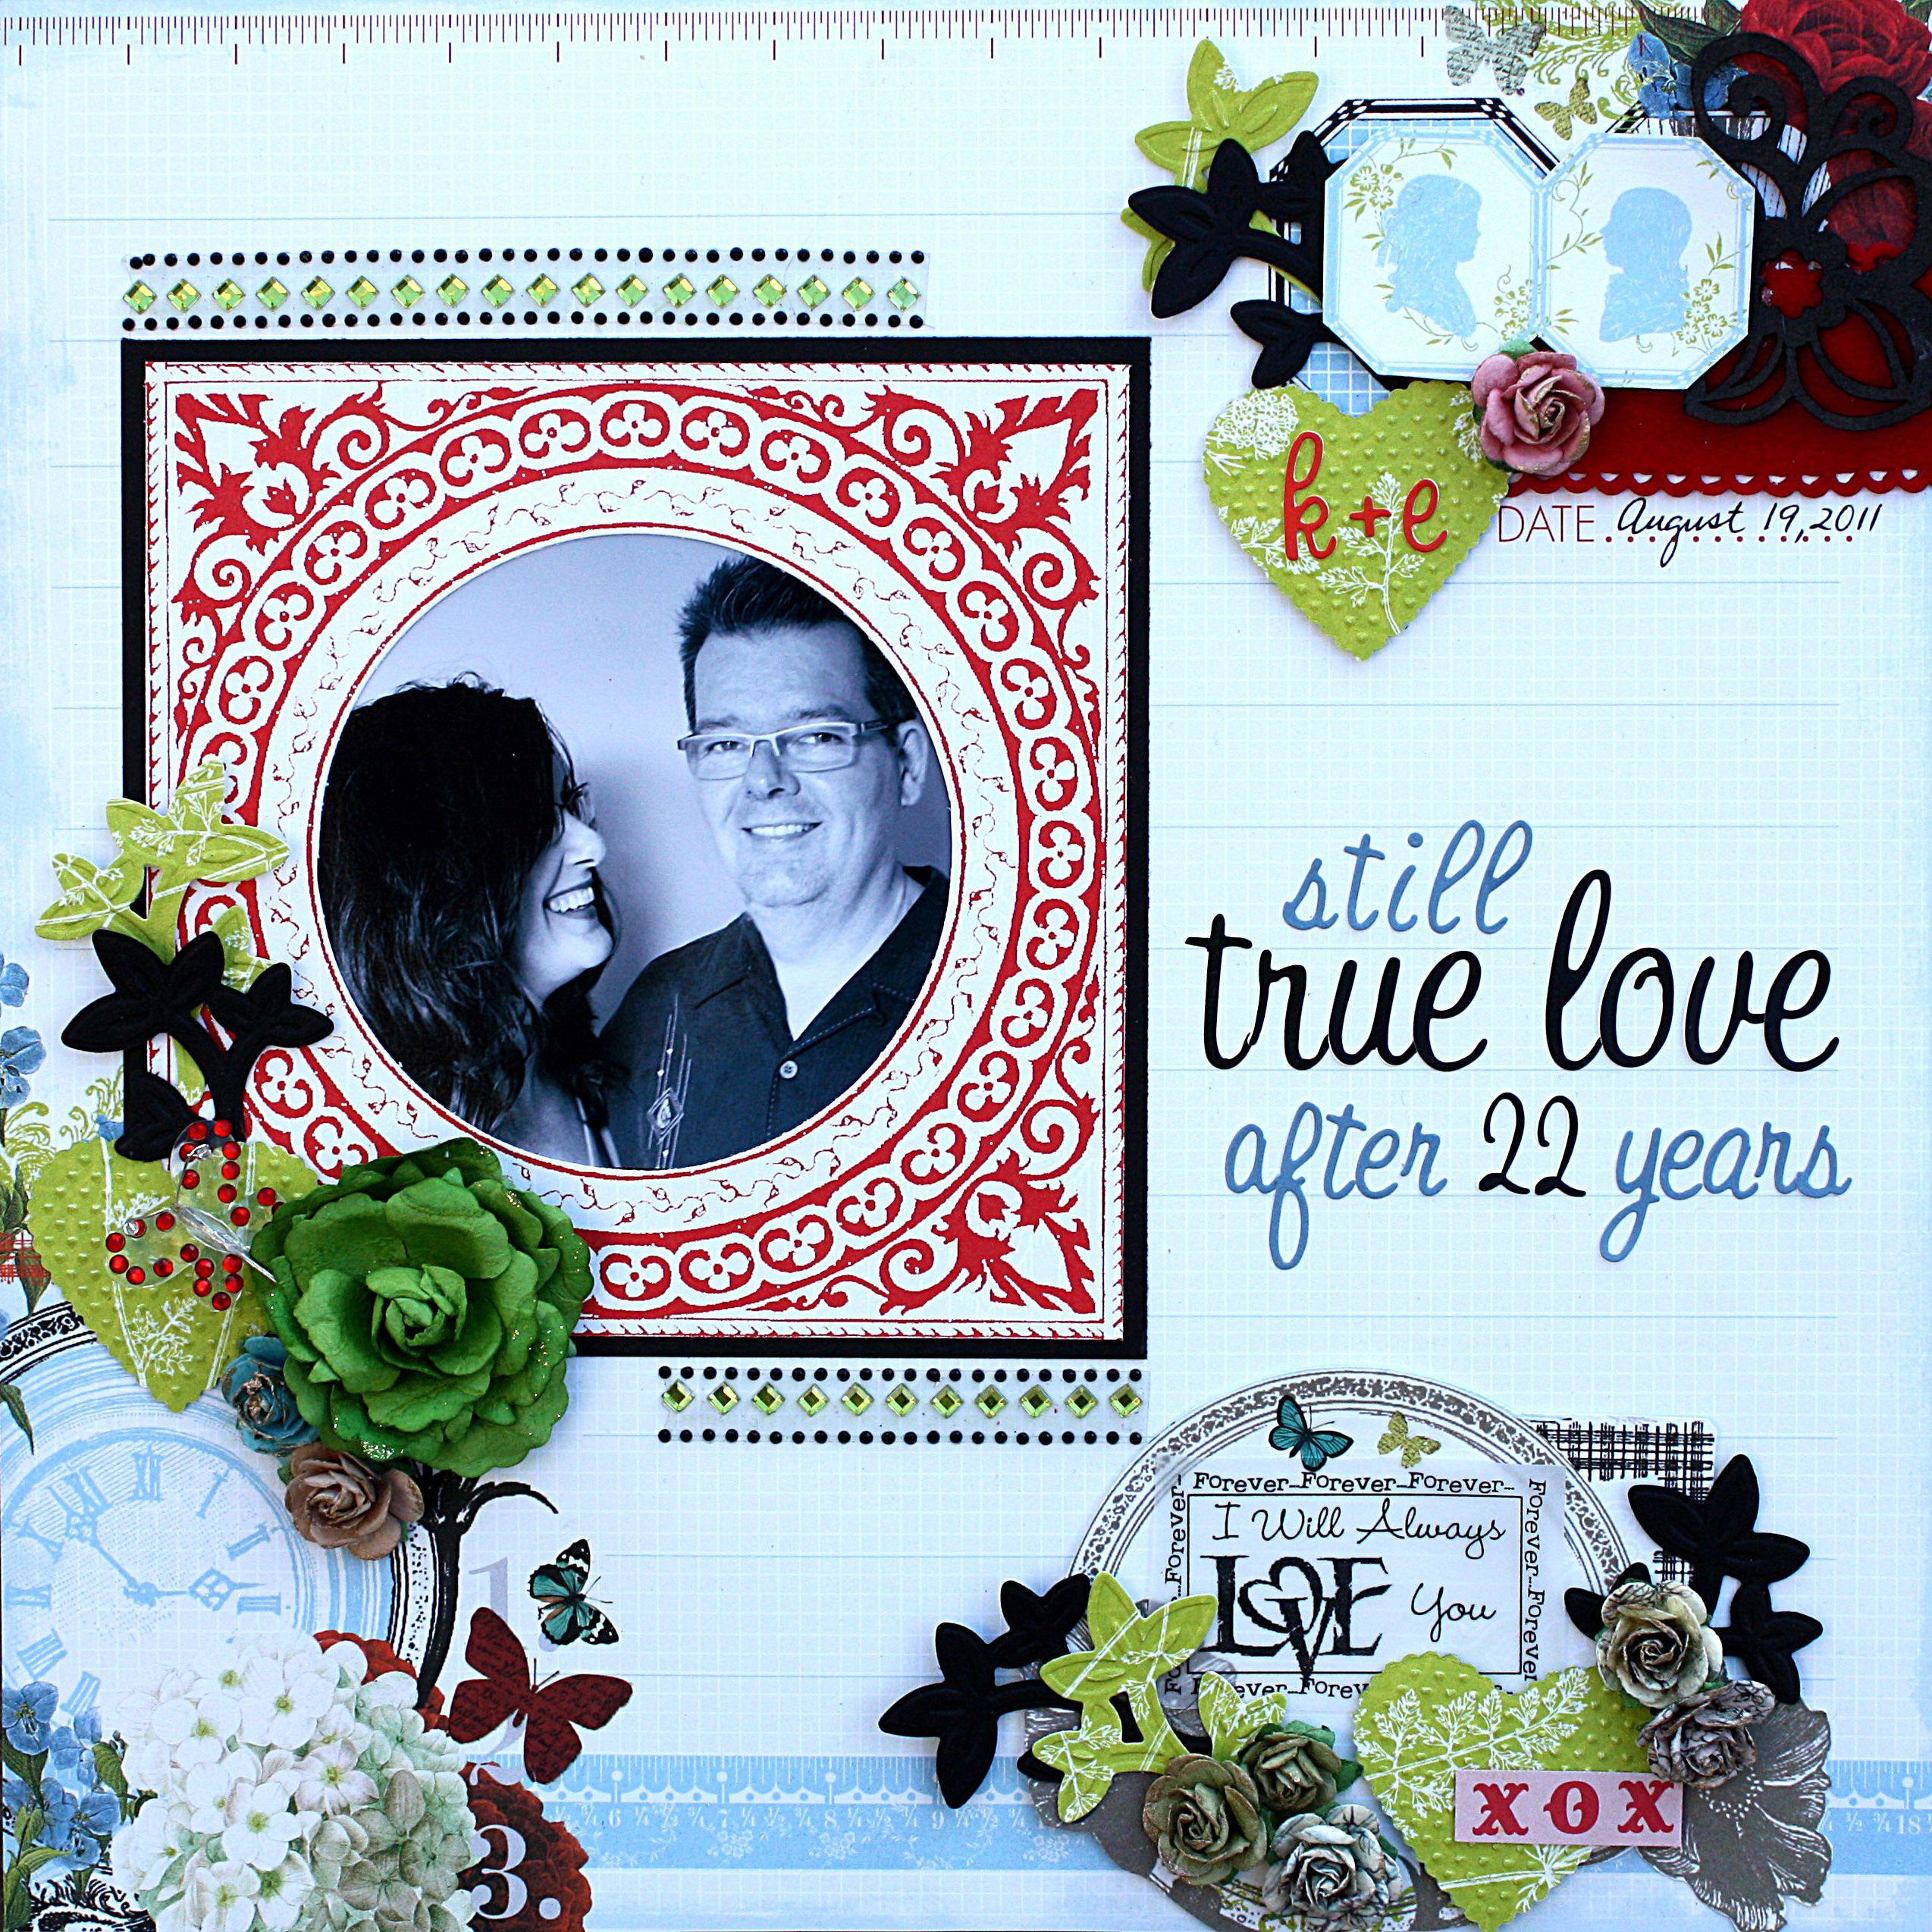 True Love Scrapbook Com Love Scrapbook Wedding Scrapbook Pages Valentines Scrapbook